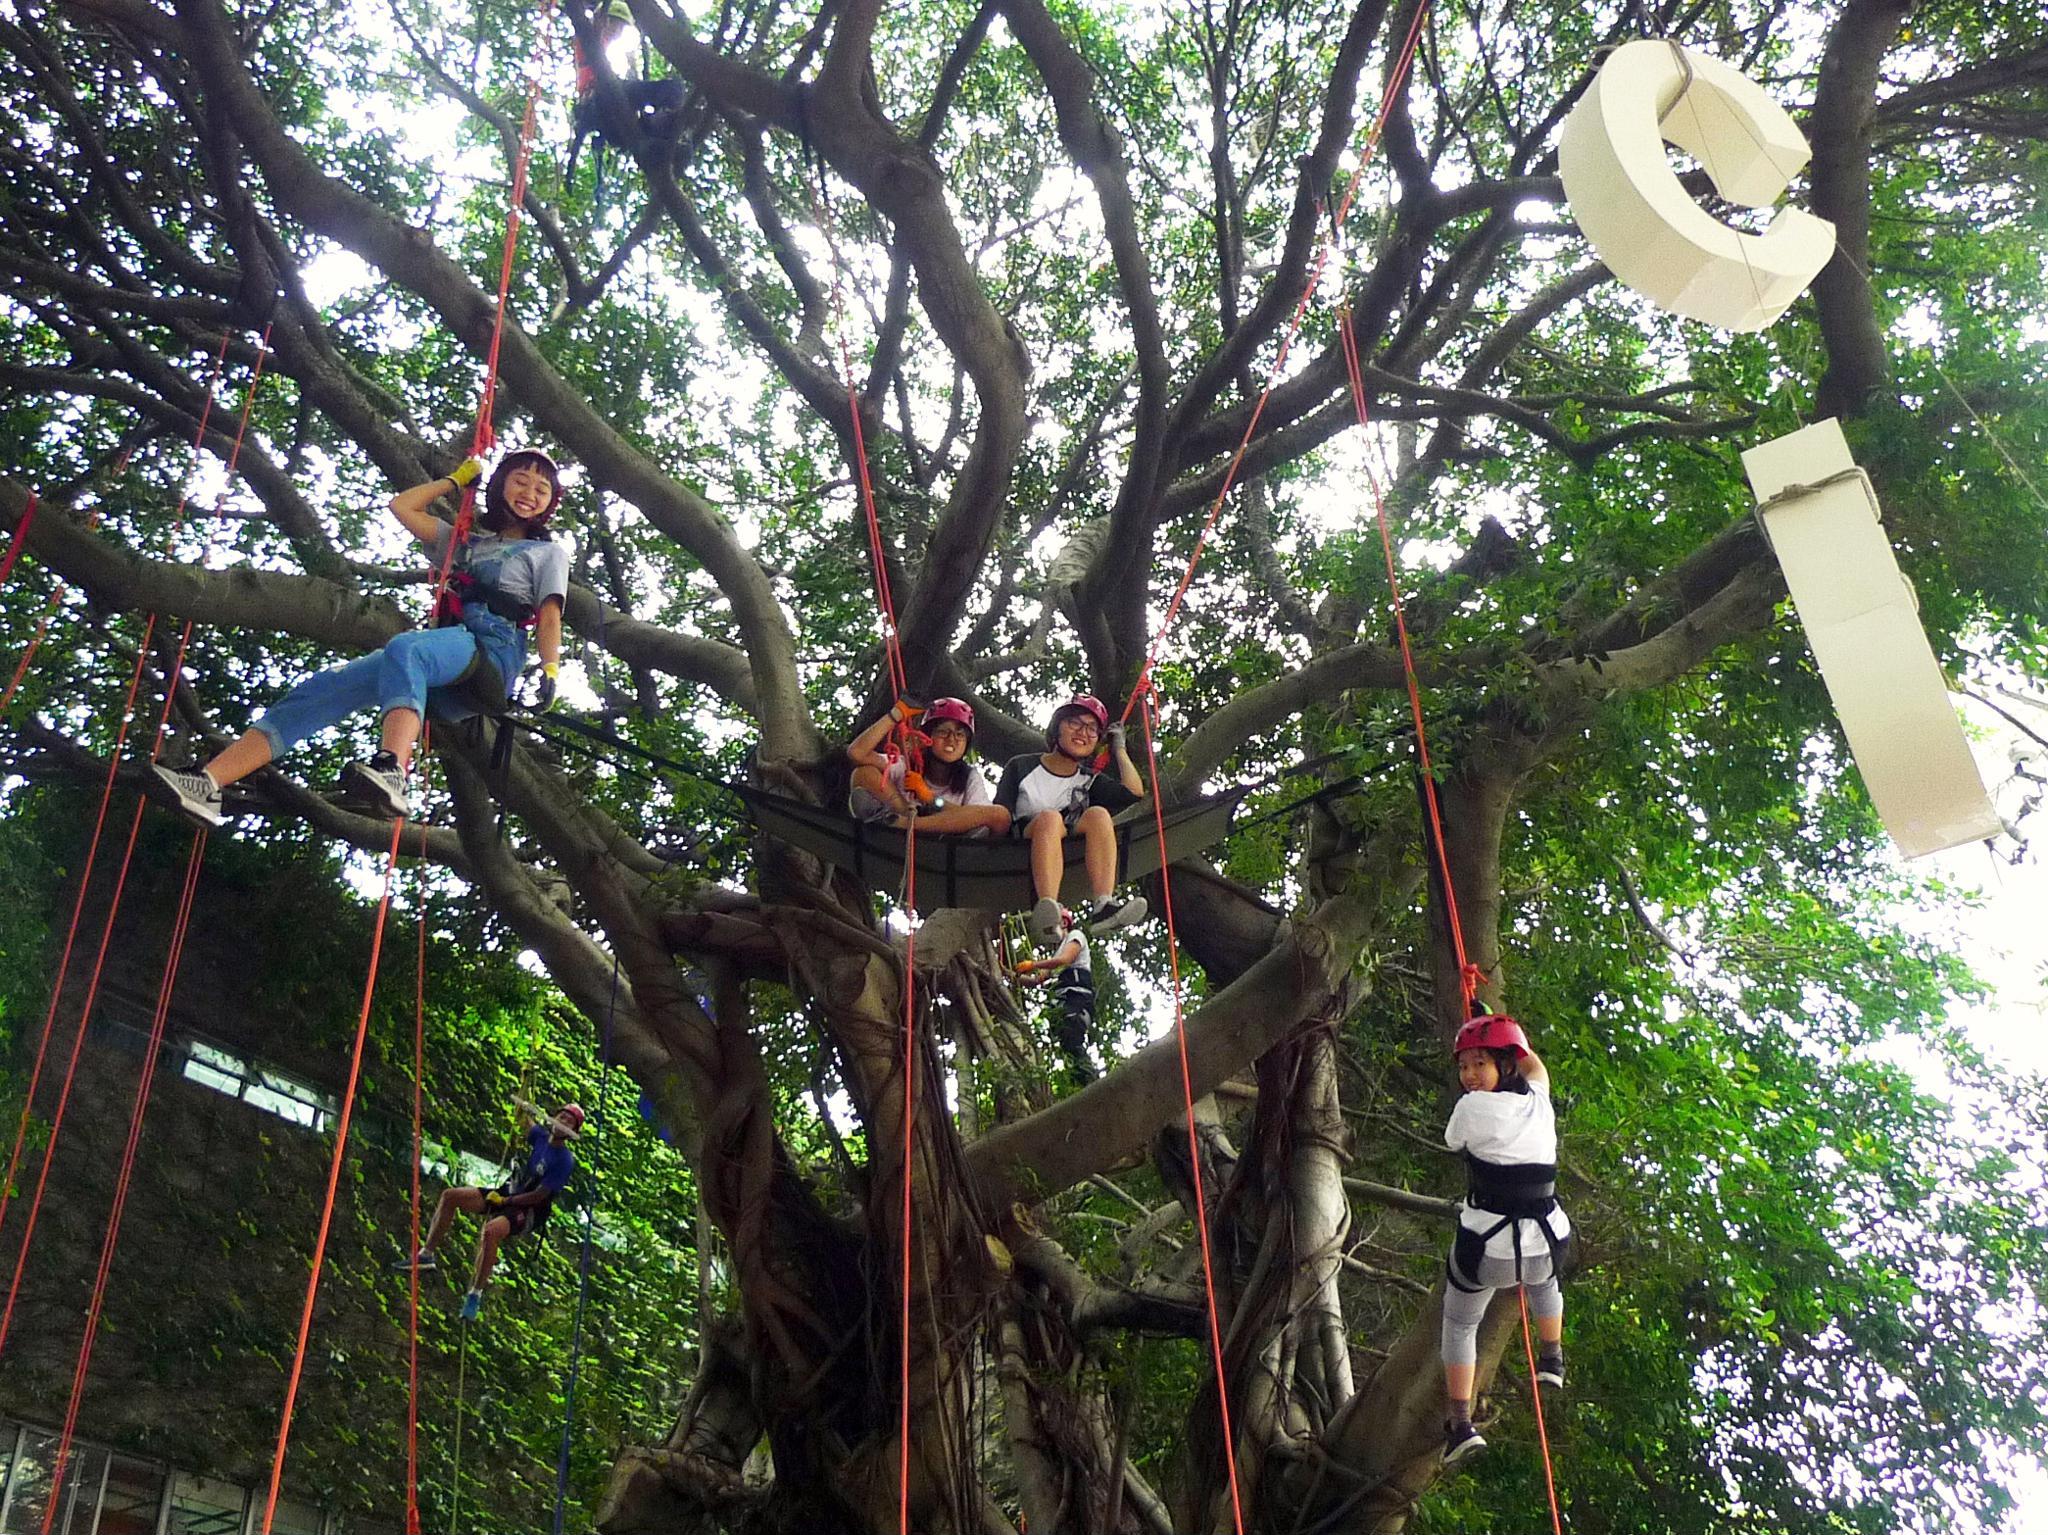 通稿照片10-中原師生攀樹體驗  從不同視角瞭解樹木生態.JPG